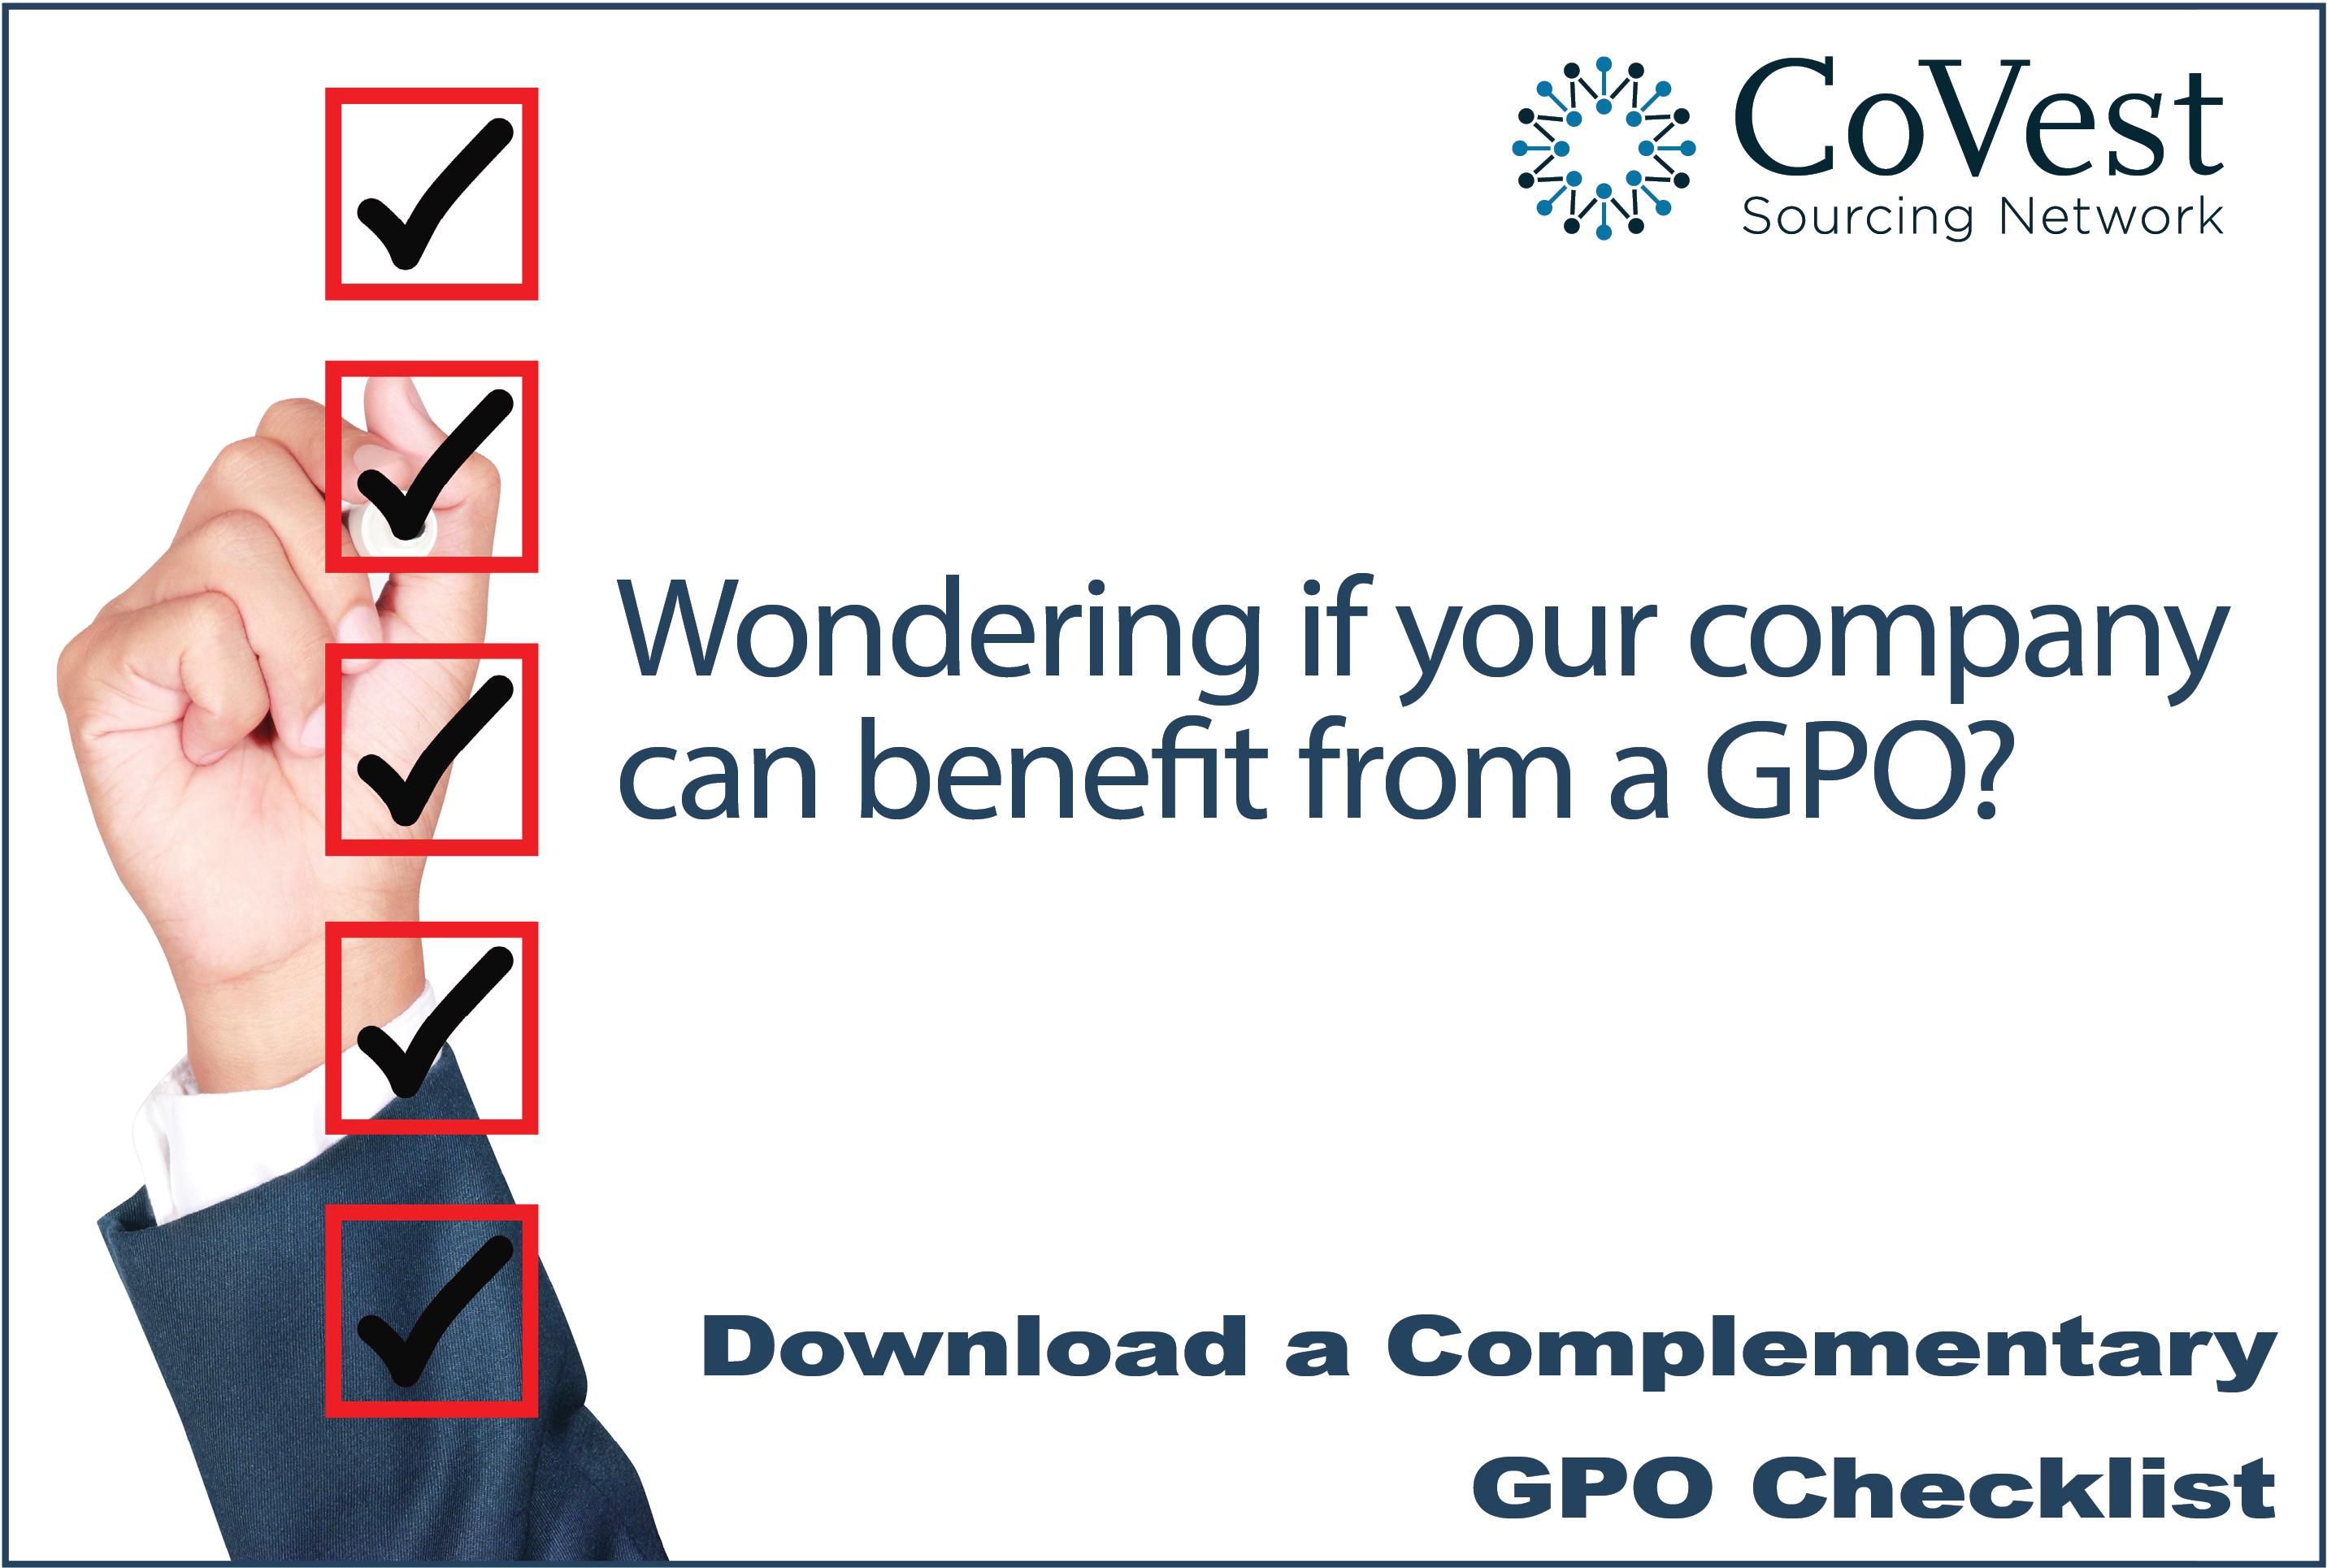 GPO_Checklist_ad-1